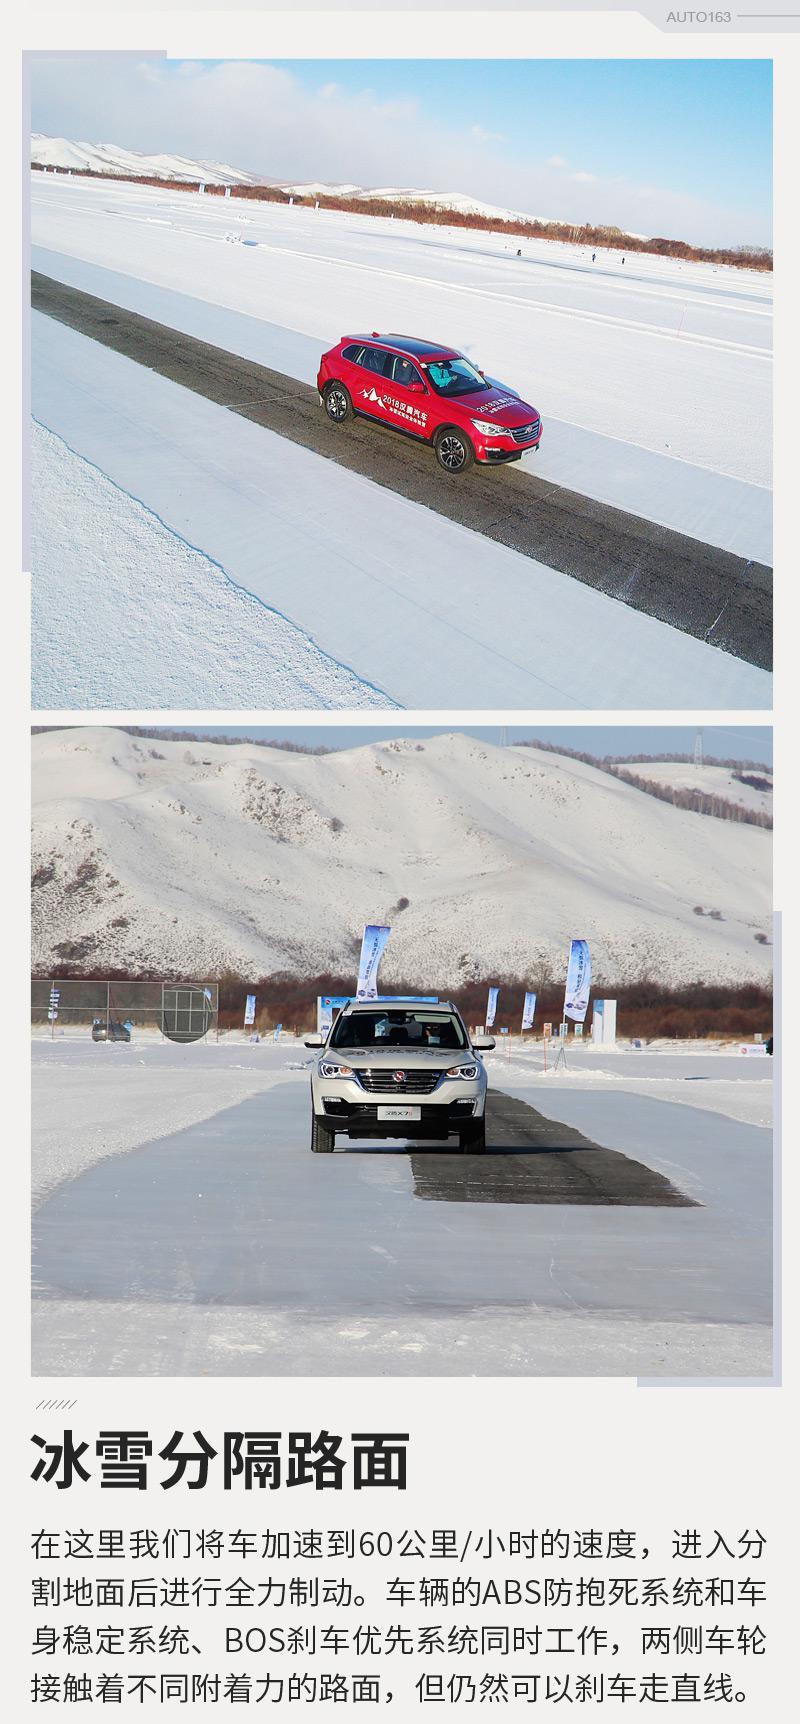 电子稳定系统表现出色 冰雪体验汉腾X7S